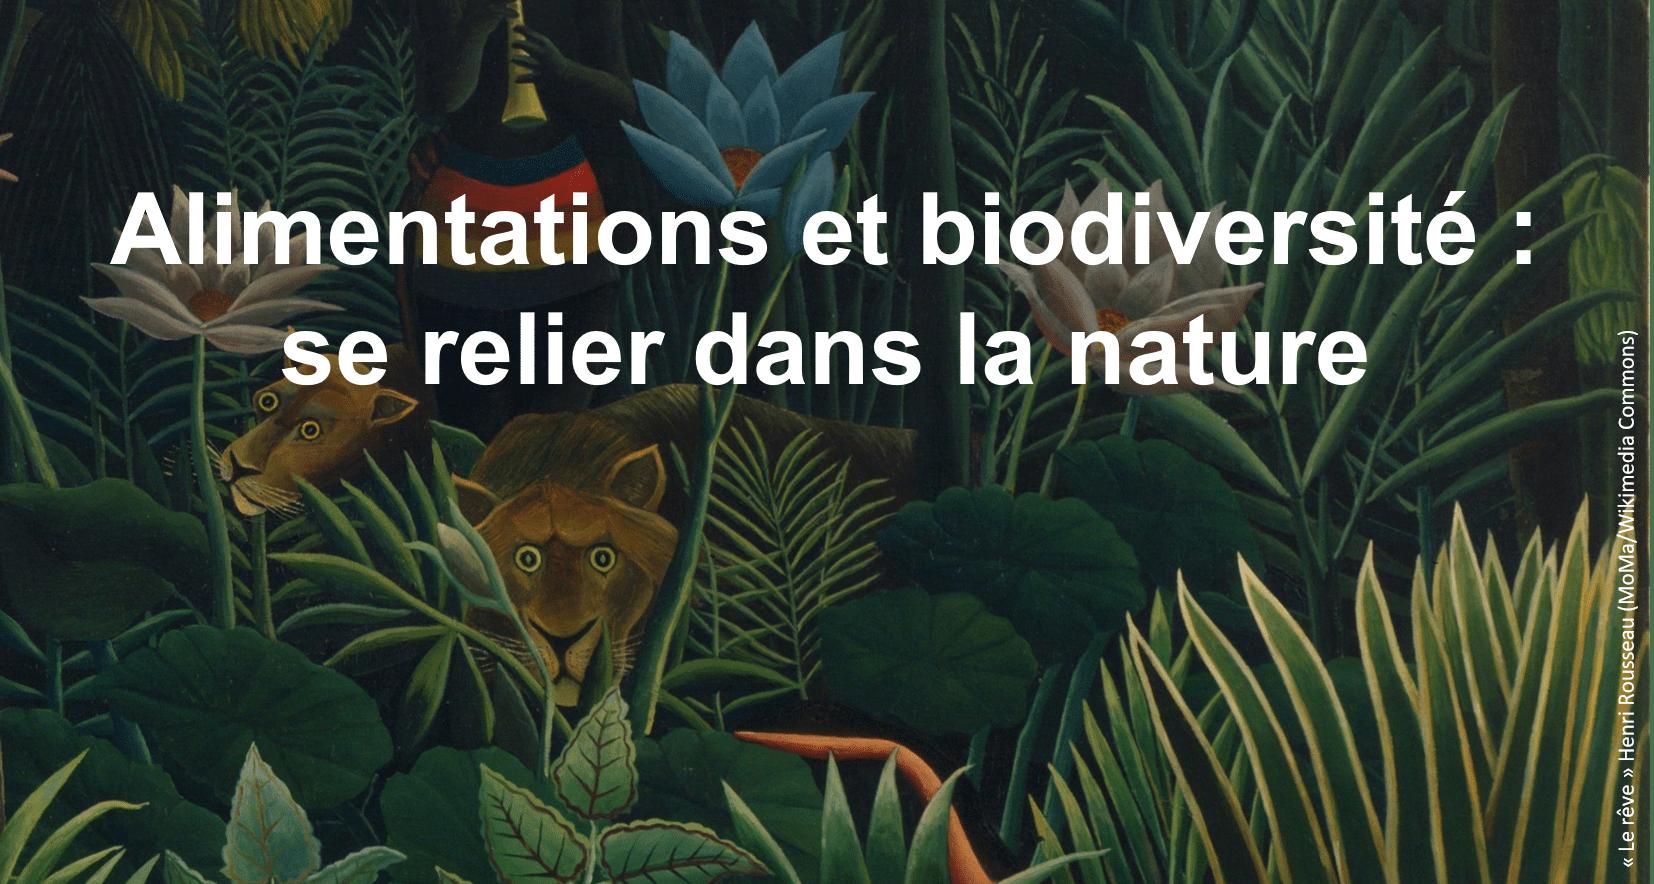 Colloque : Alimentations et biodiversité - Se relier dans la nature